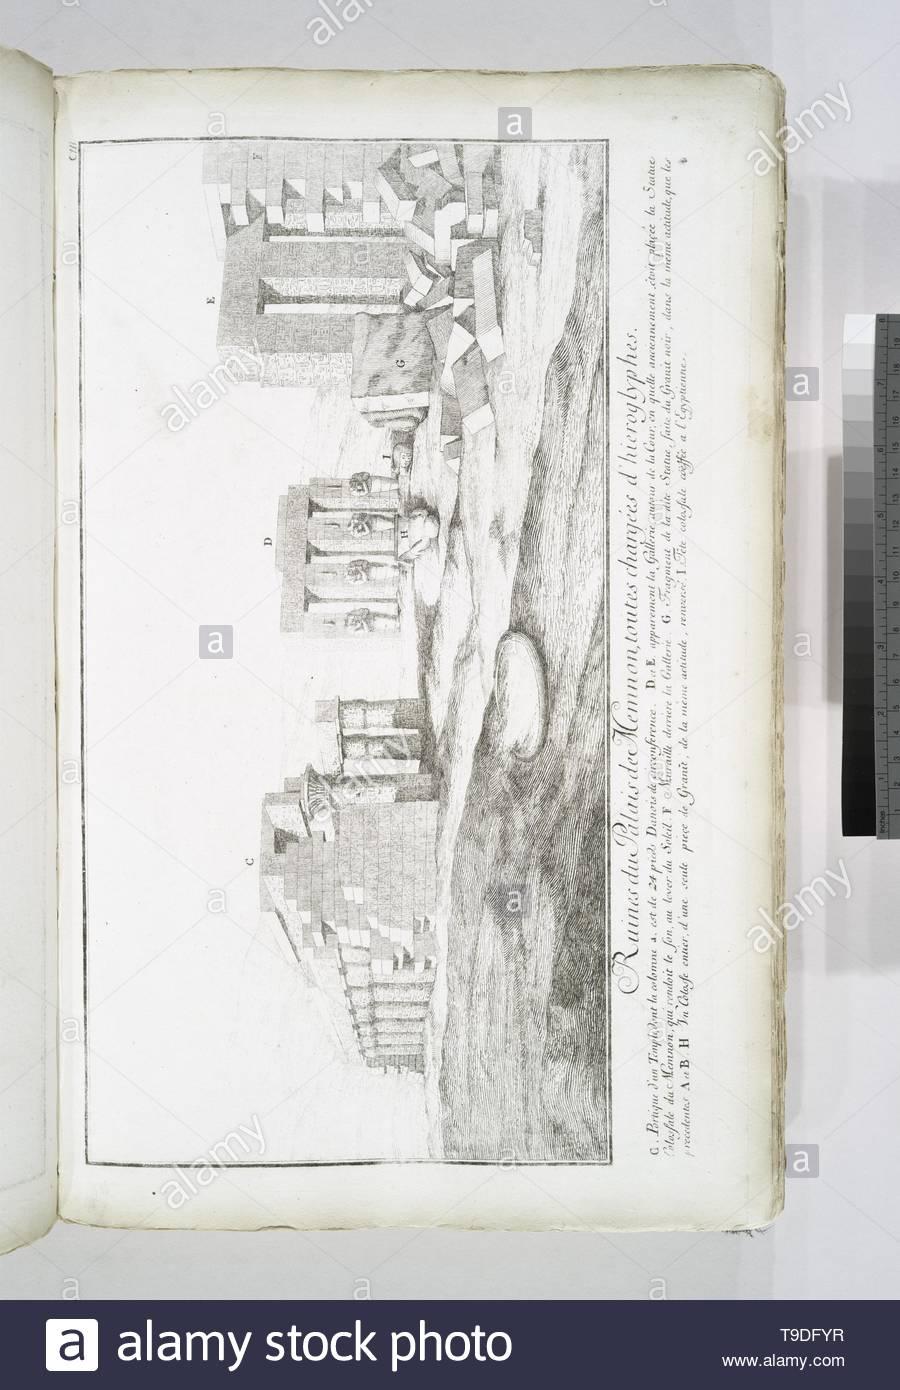 Norden,FrederikLudvig,1708-1742-Ruines du Palais de Memnon, toutes chargées d& x27,hiéroglyphes - Stock Image